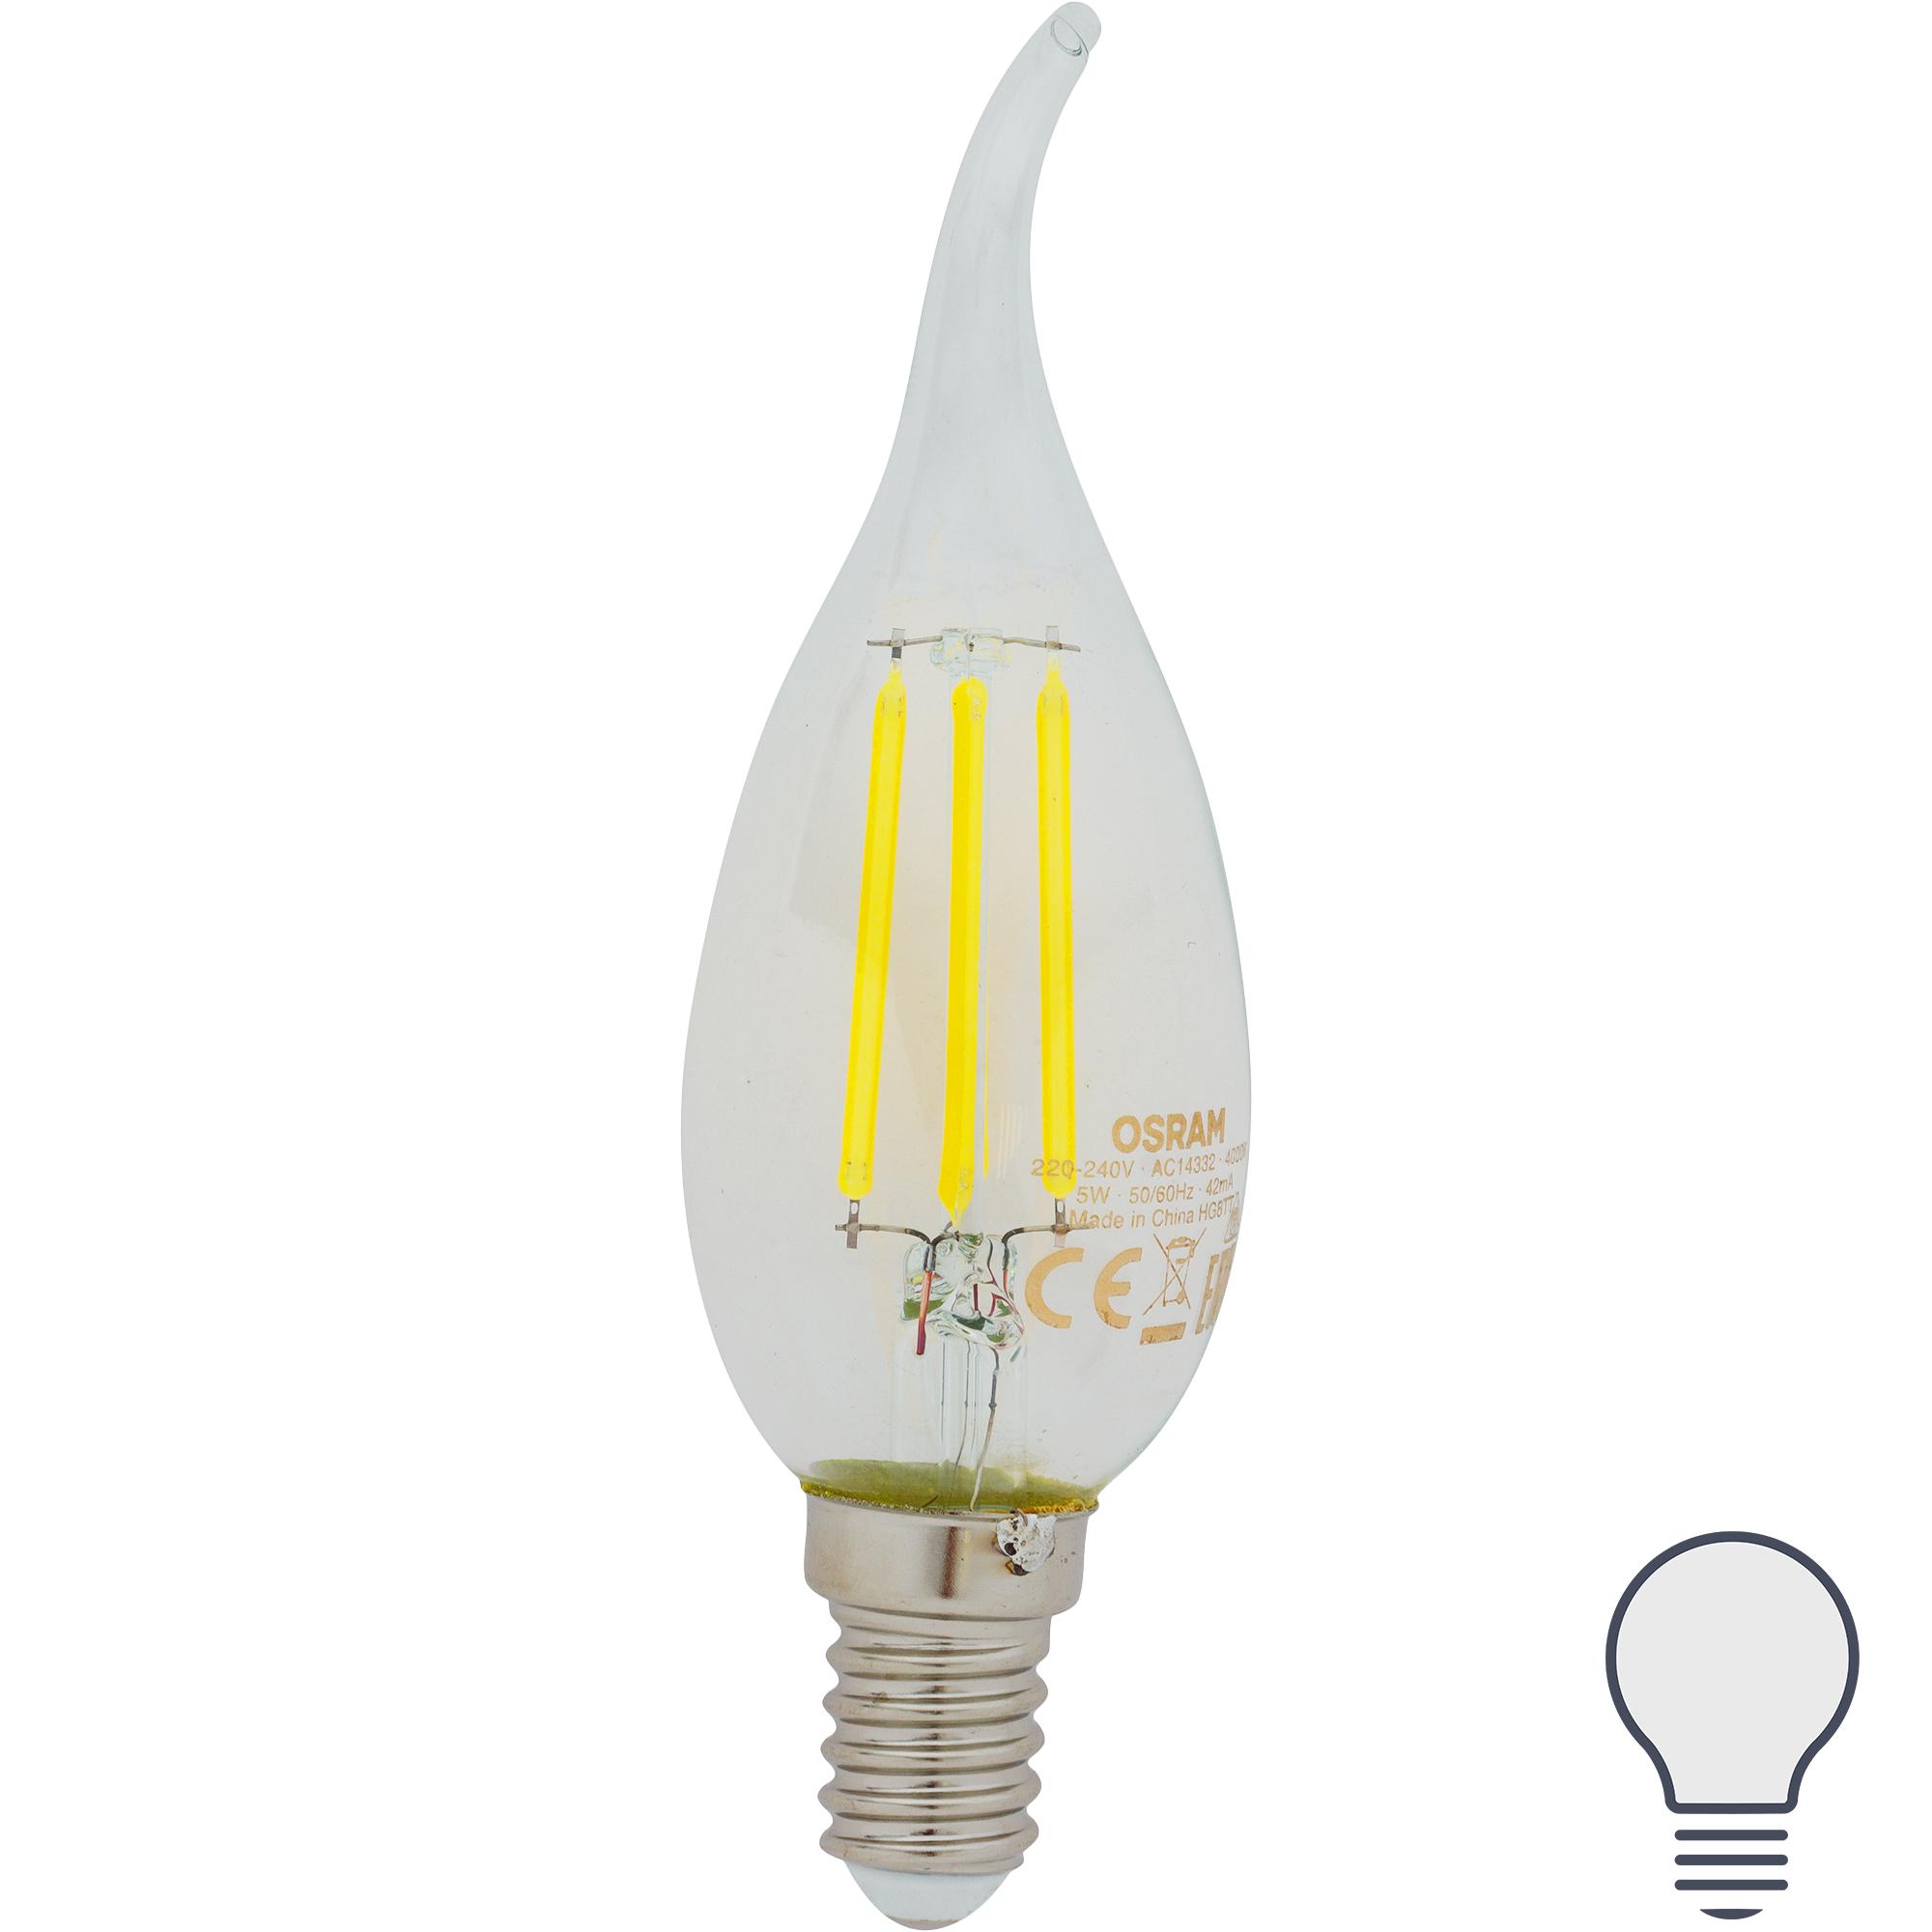 Лампа светодиодная Osram E14 220 В 5 Вт свеча на ветру 660 лм холодный белый свет